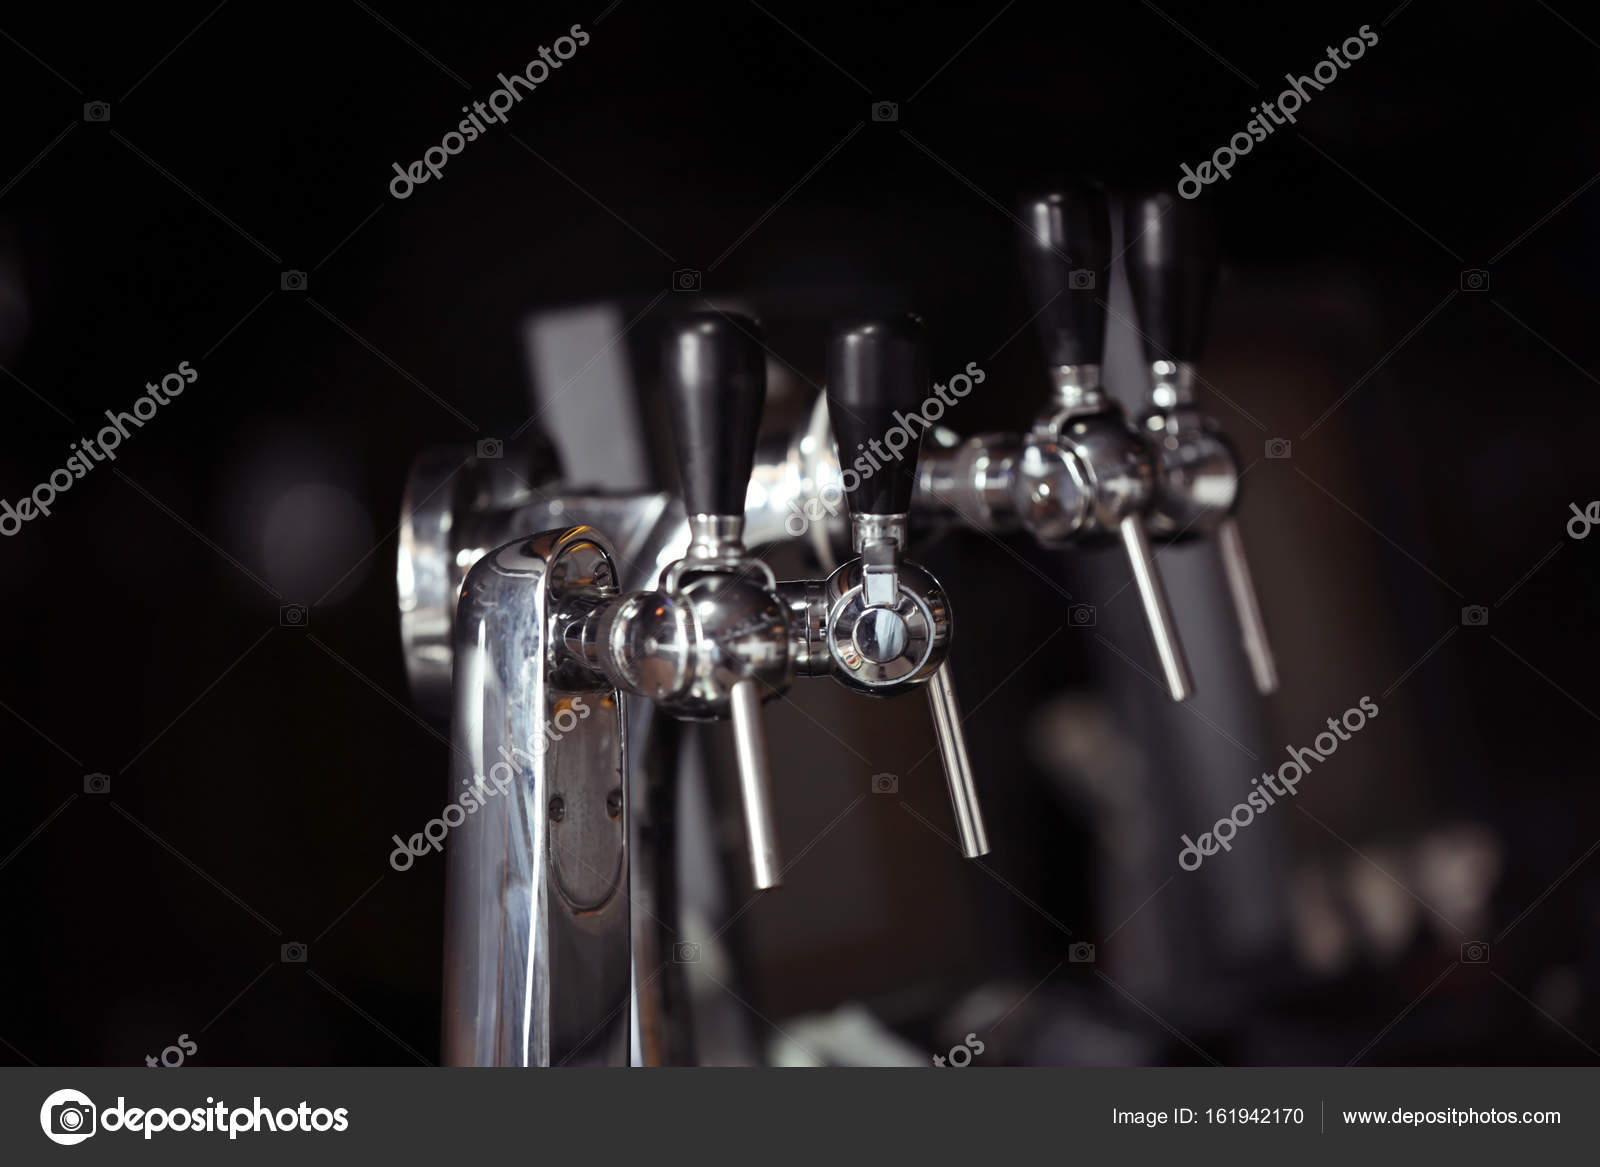 Beer taps on bar counter — Stock Photo © belchonock #161942170